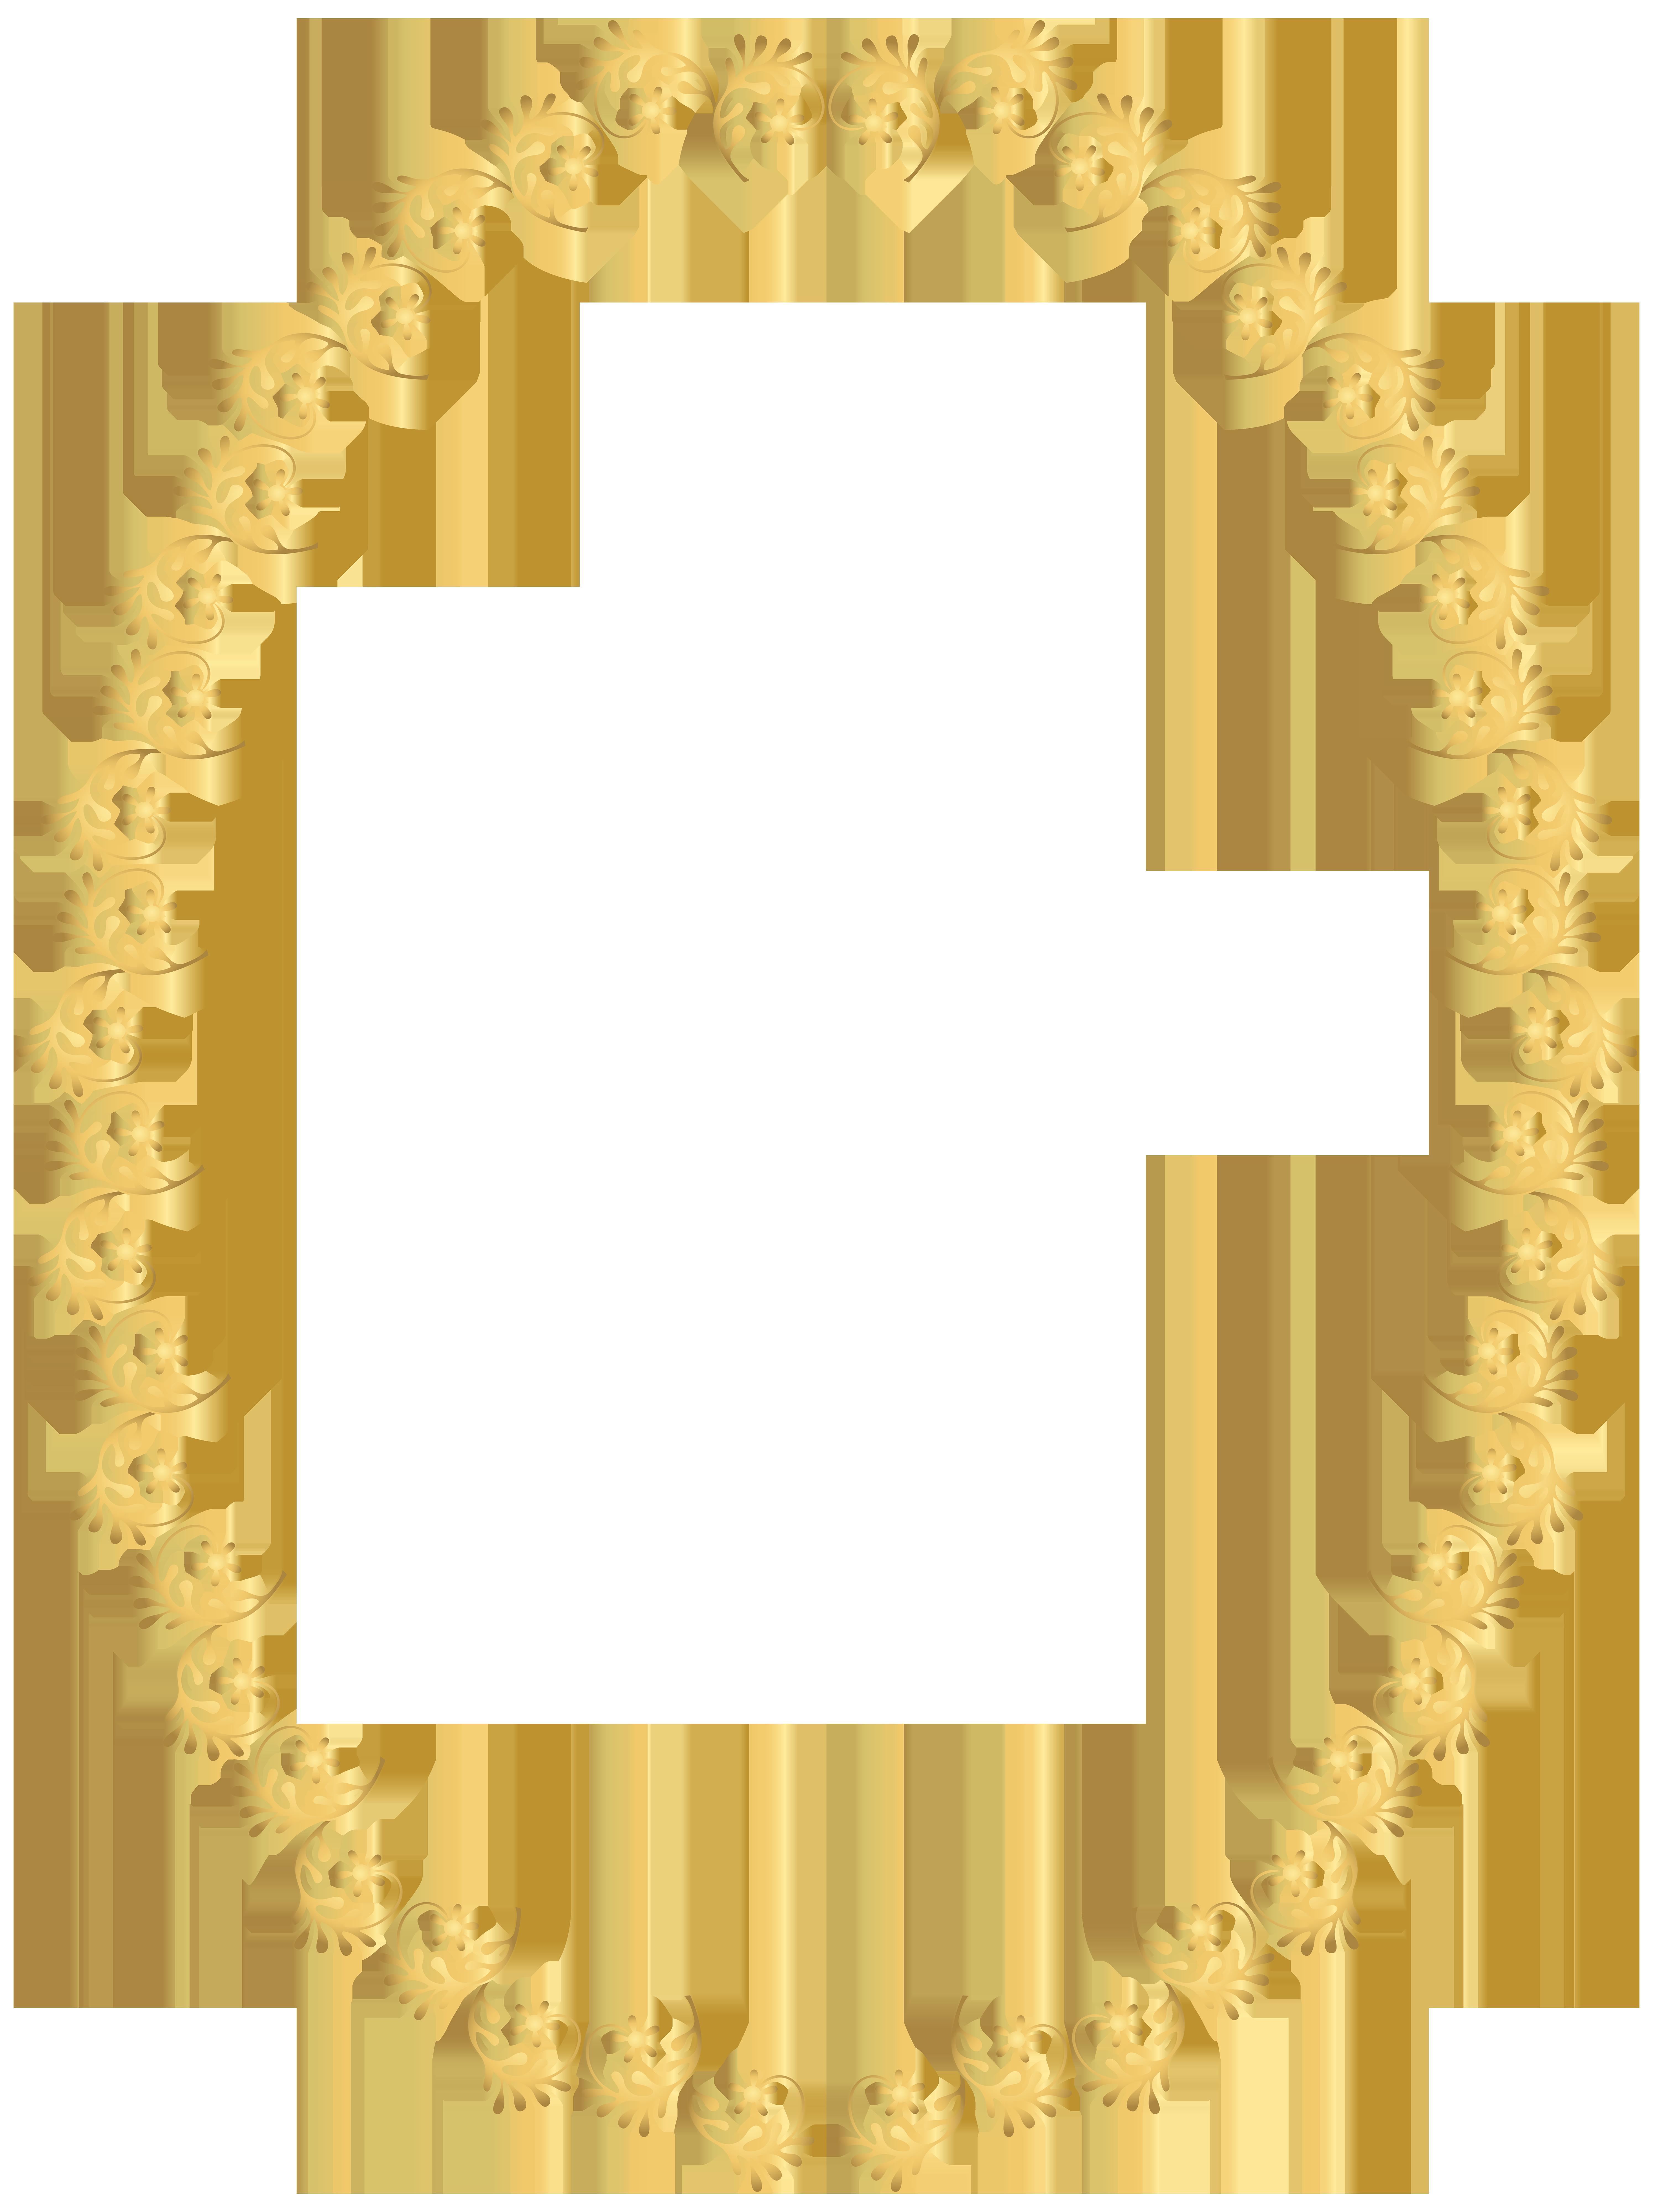 Frame transparent clip art. Oval border png